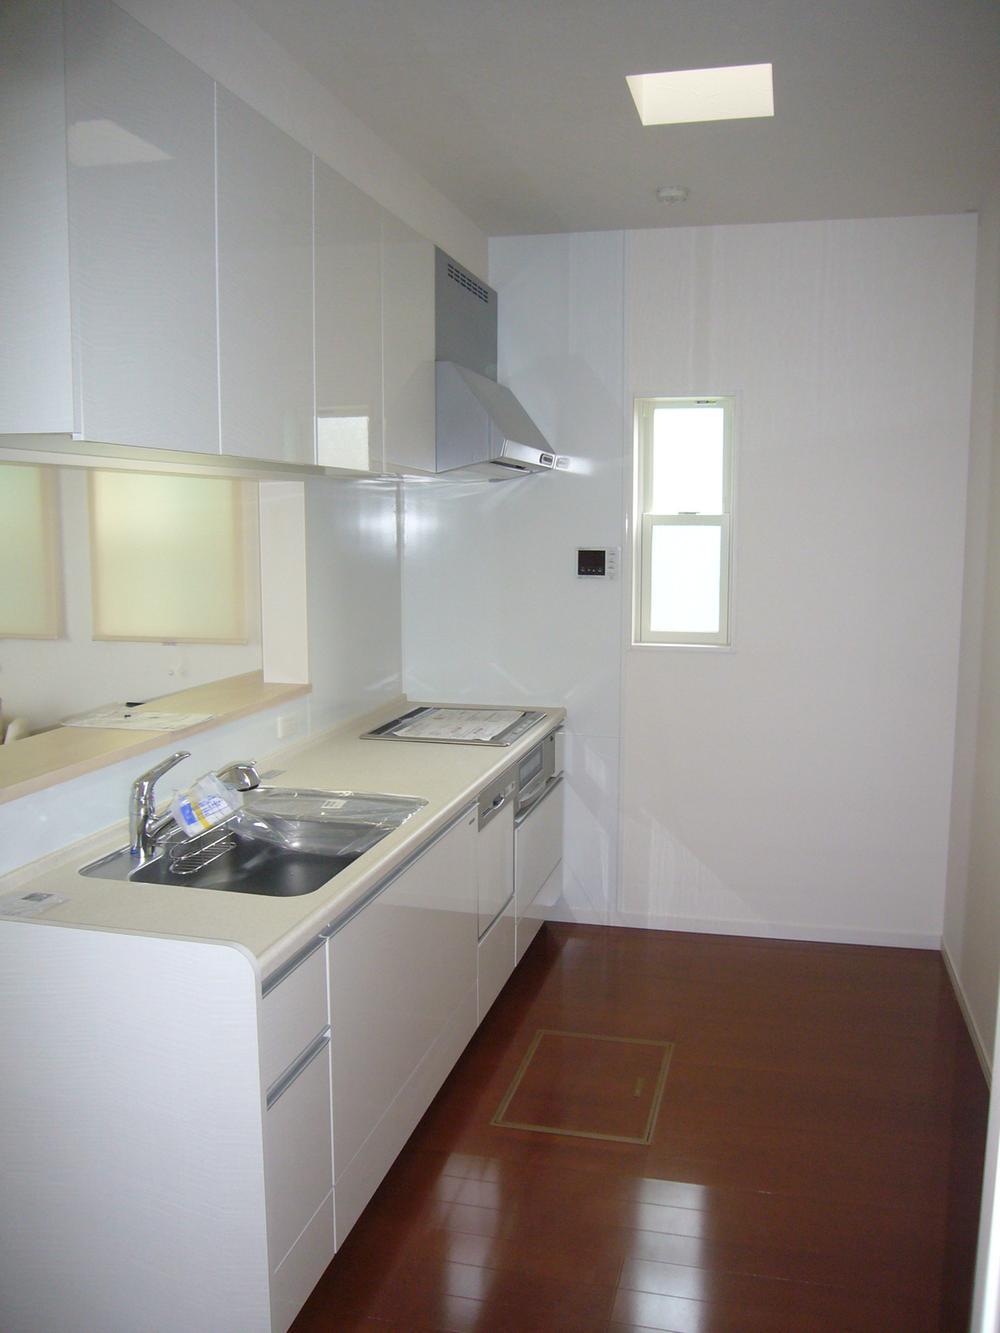 建物プラン例(同仕様)建物価格1590万円、施工面積60.75m<sup>2</sup>